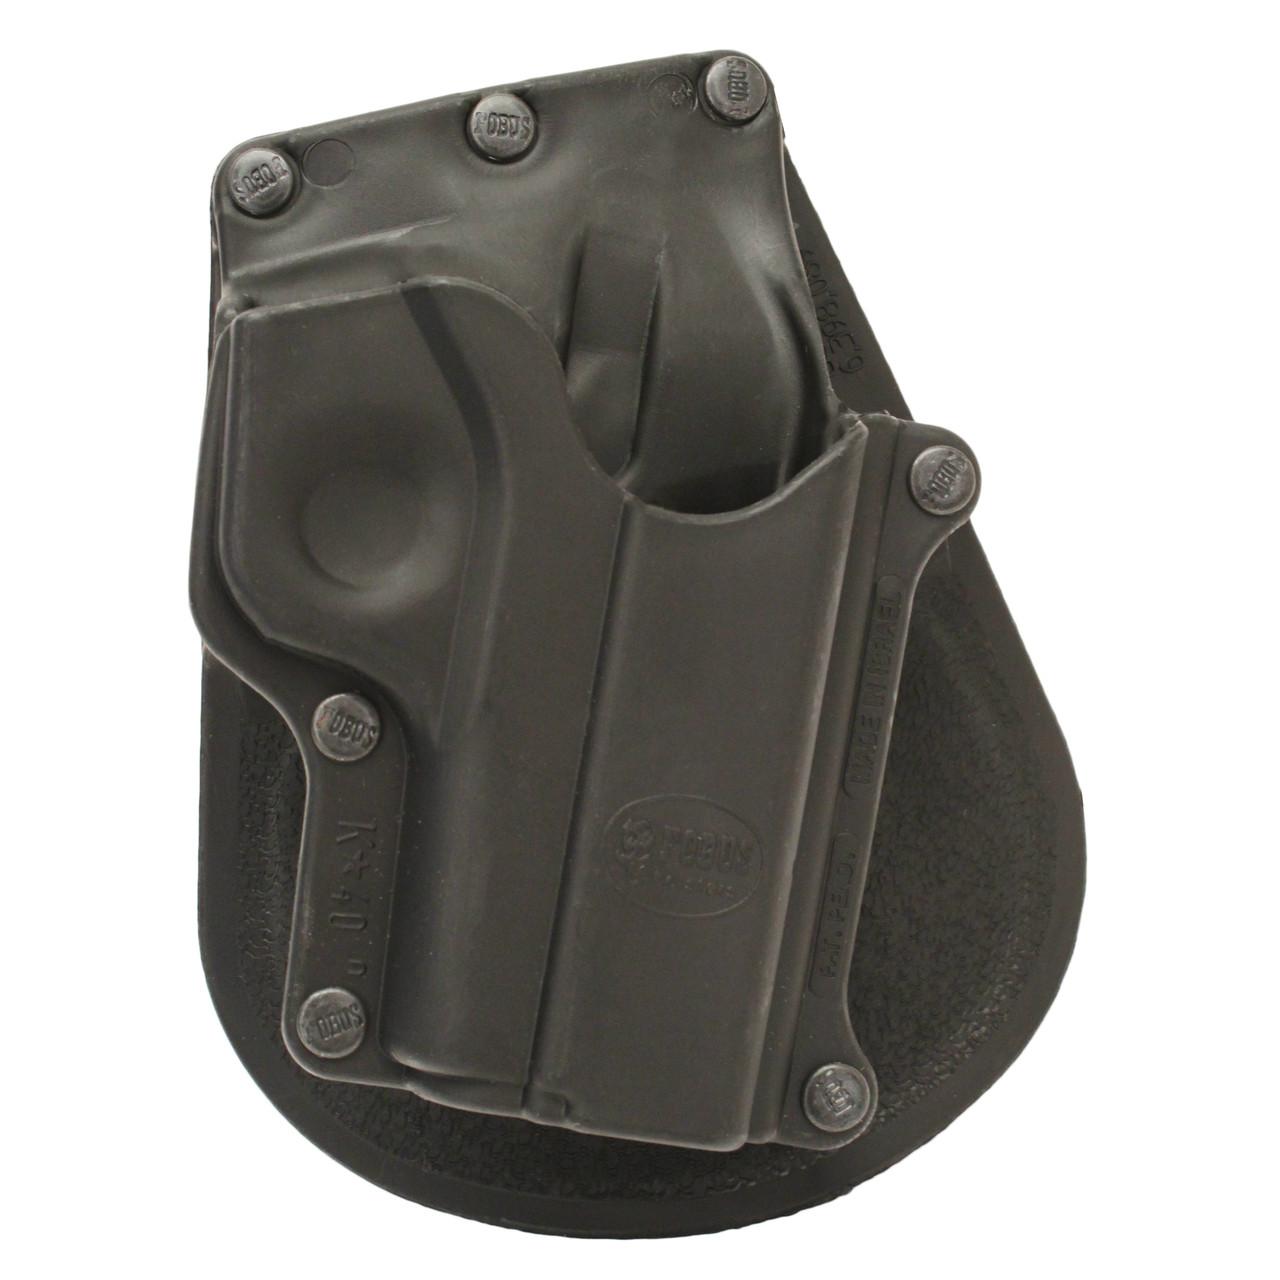 Fobus Paddle Holster For Kahr K40/K9/MK40/MK9/T40-Right Hand (KA1)